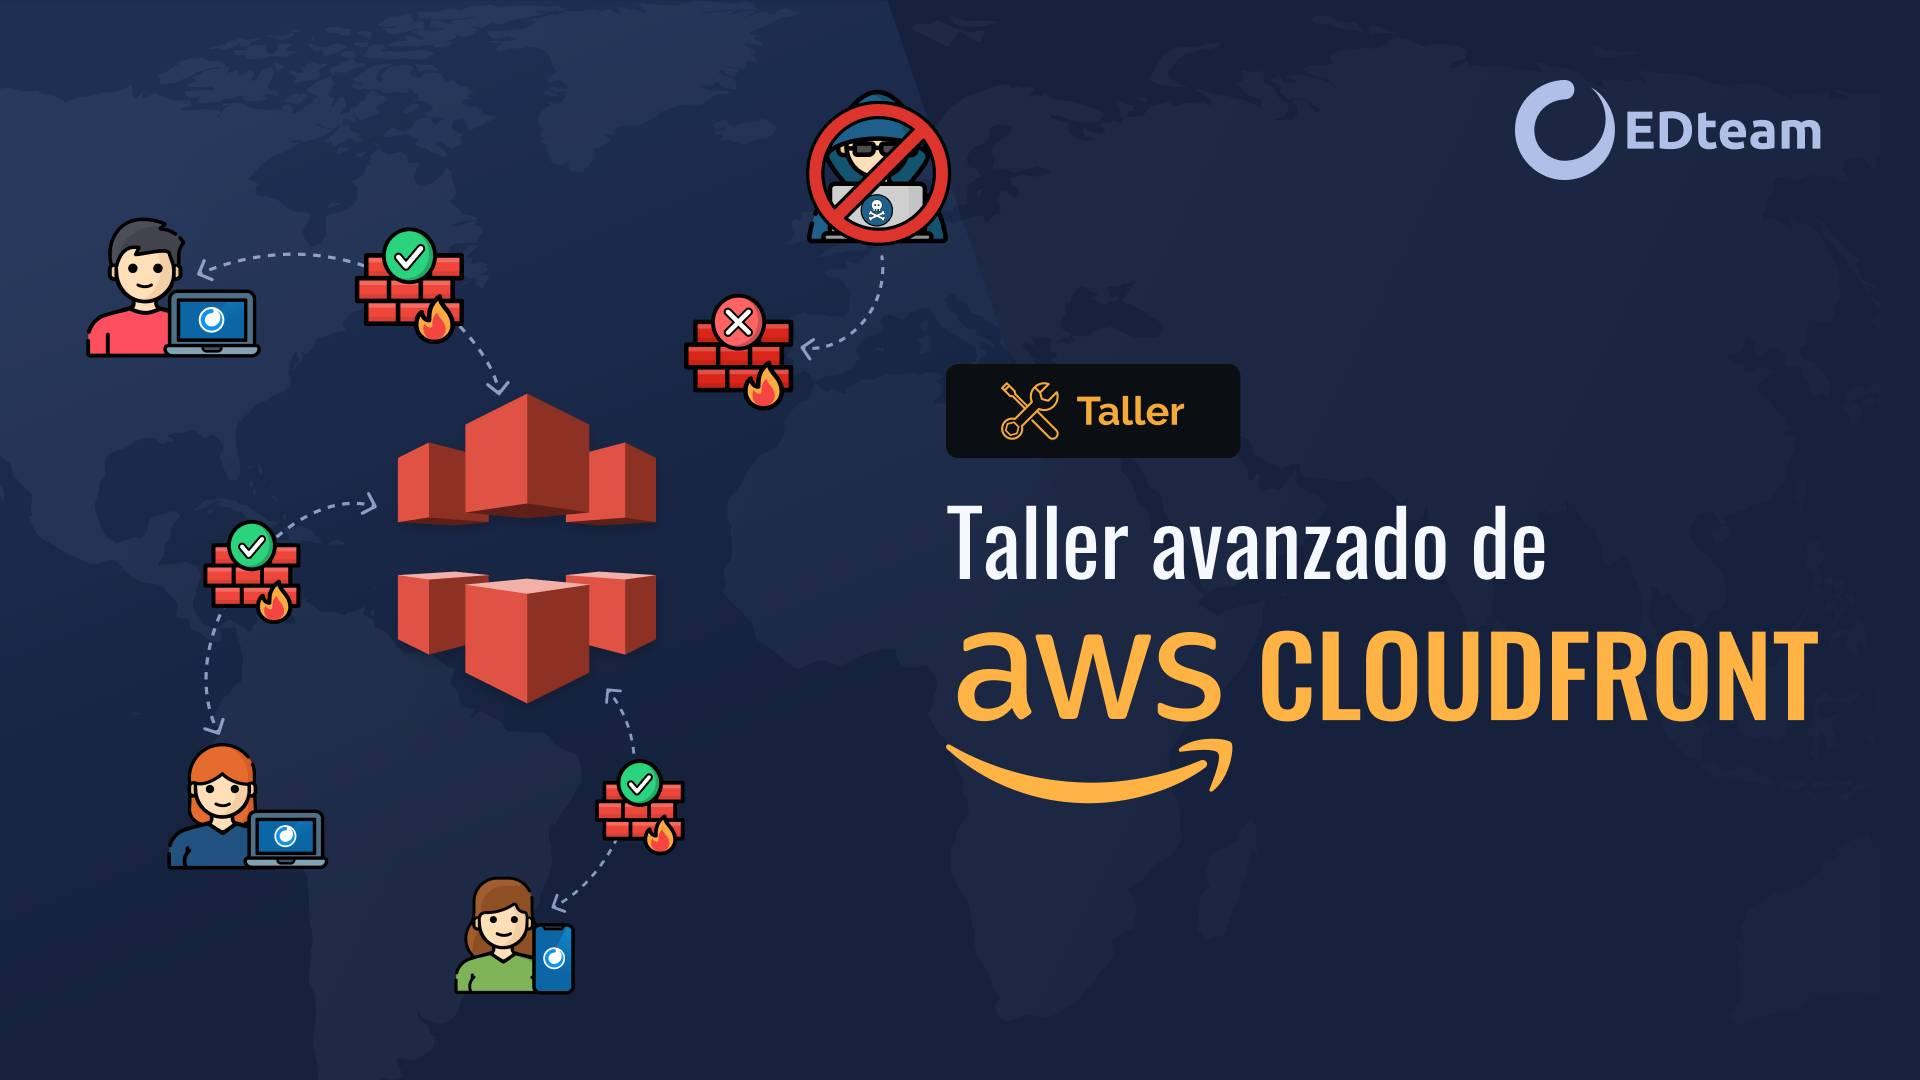 Taller avanzado de Amazon Cloudfront